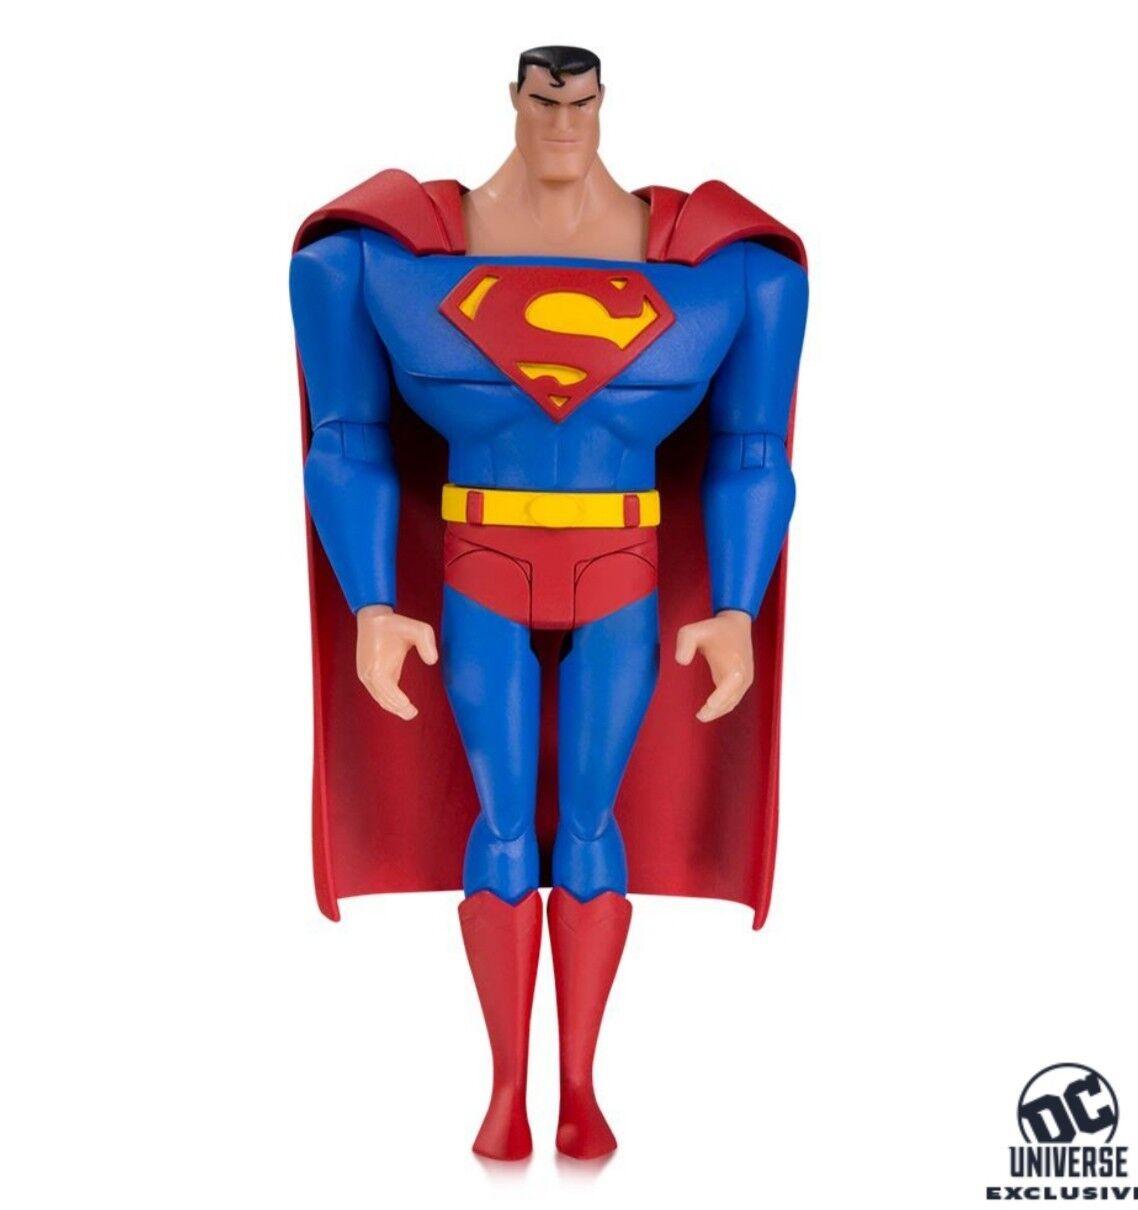 Exklusive gerechtigkeitsliga animierte superman - figur pre - order